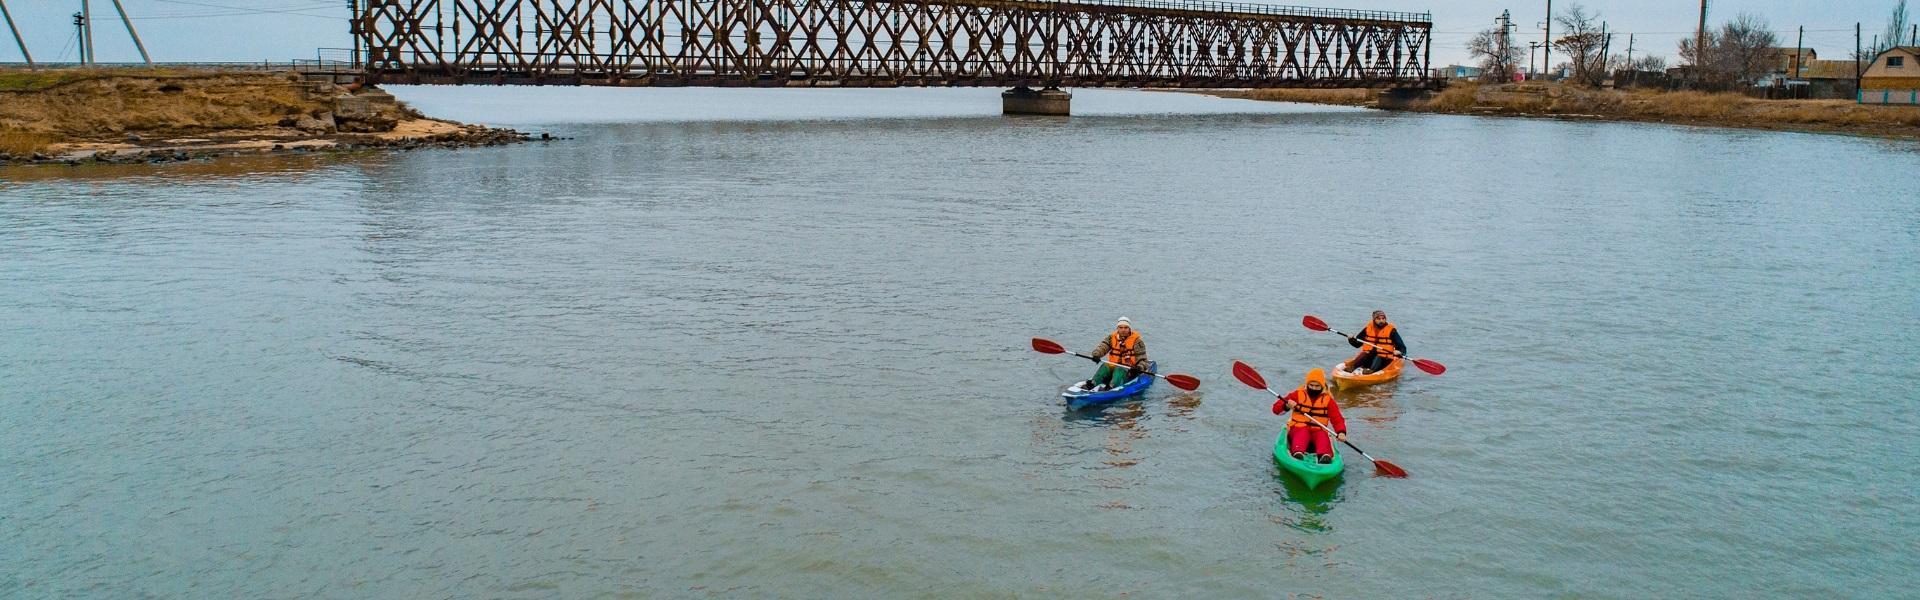 Winter kayaking in Henichesk